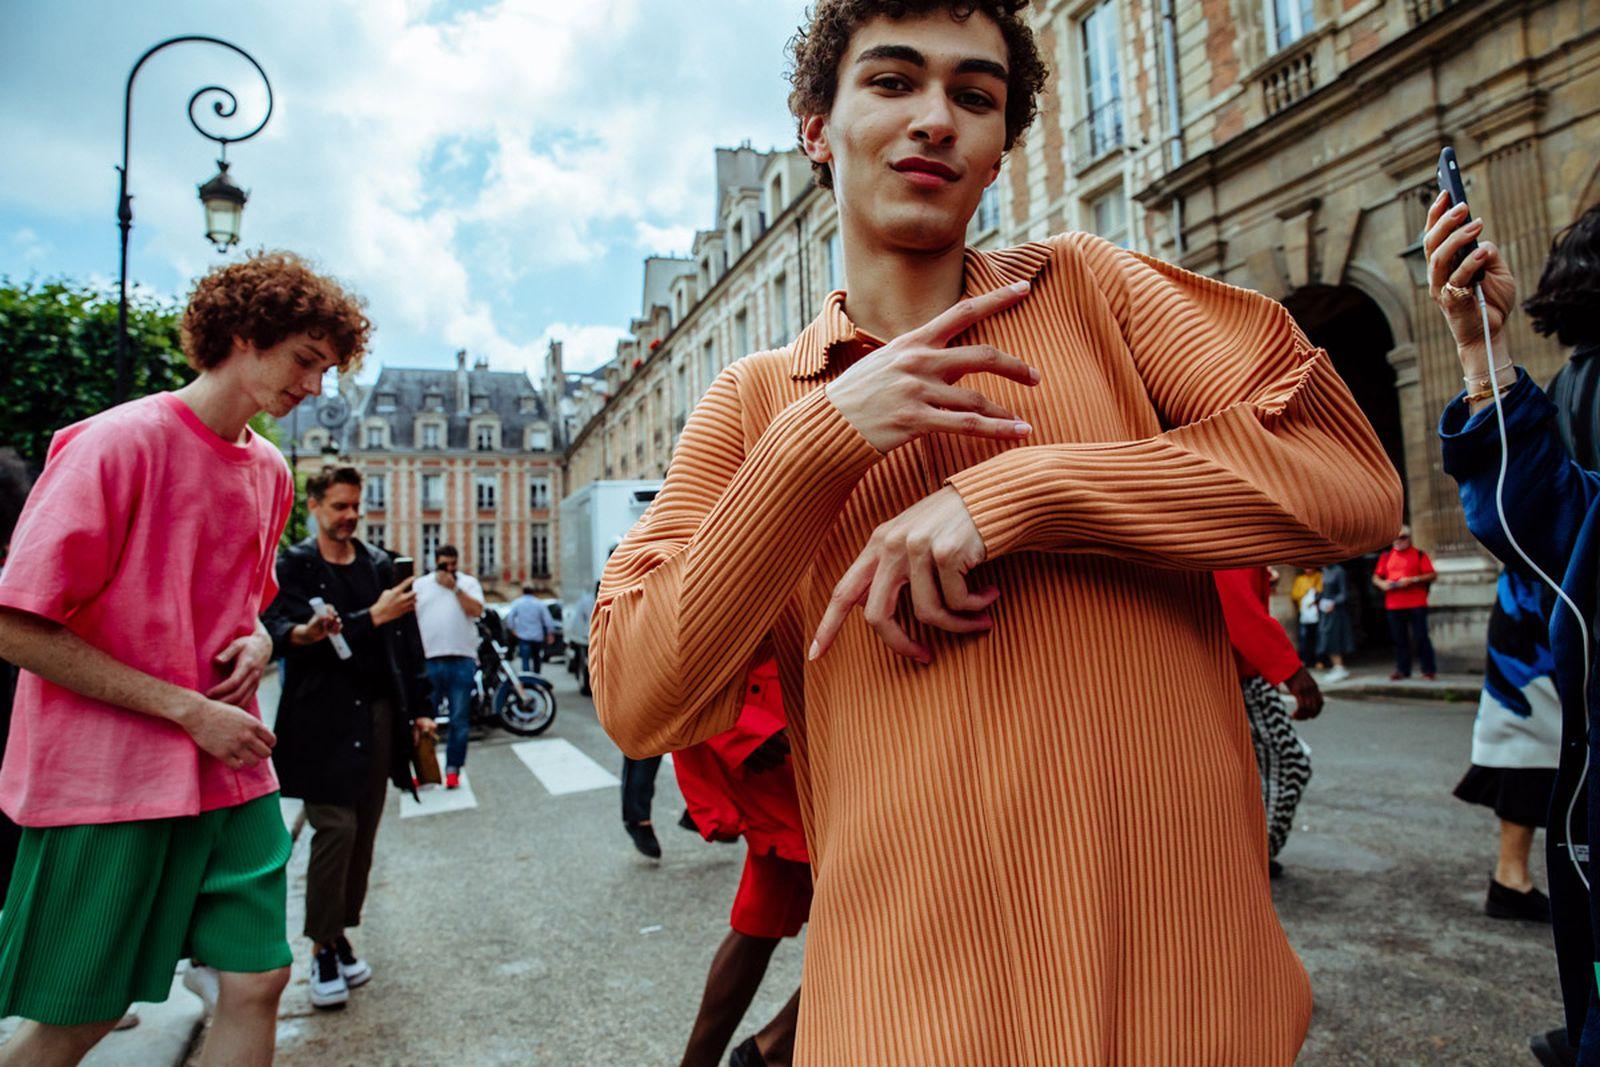 MSS20 Paris IsseyMiyake JulienTell ForWeb 16 Issey Miyake HOMME PLISSÉ paris fashion week runway